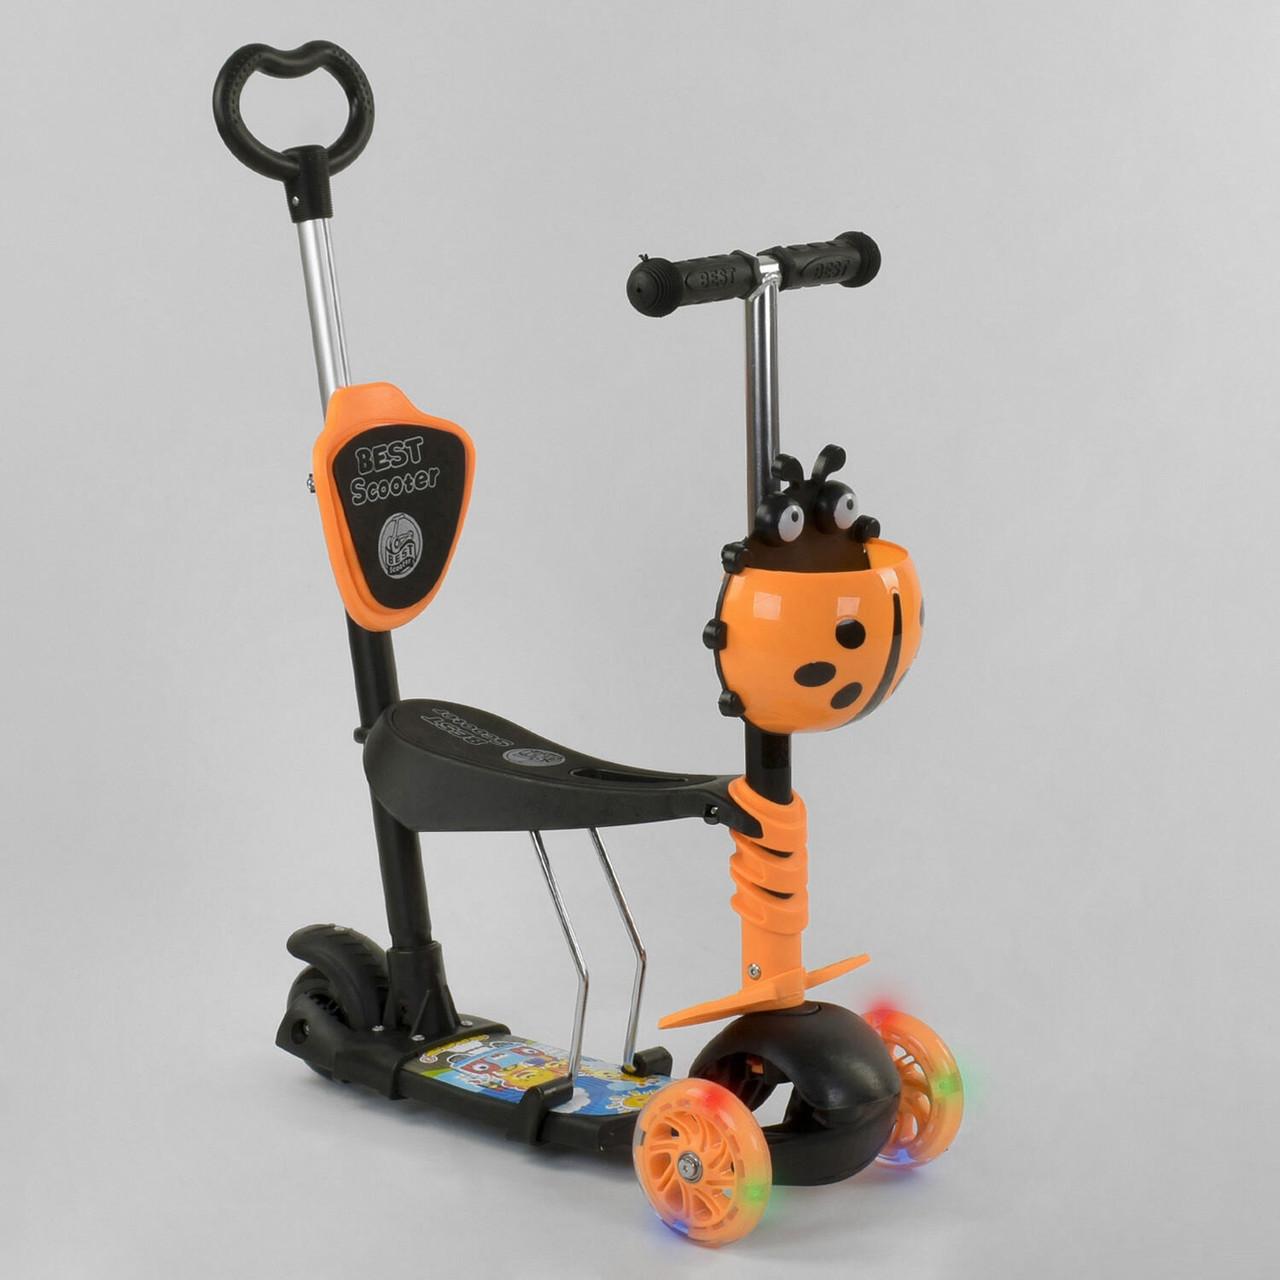 Трехколесный самокат 5в1 Best Scooter Черно-оранжевый Самокат для ребенка от 1 года